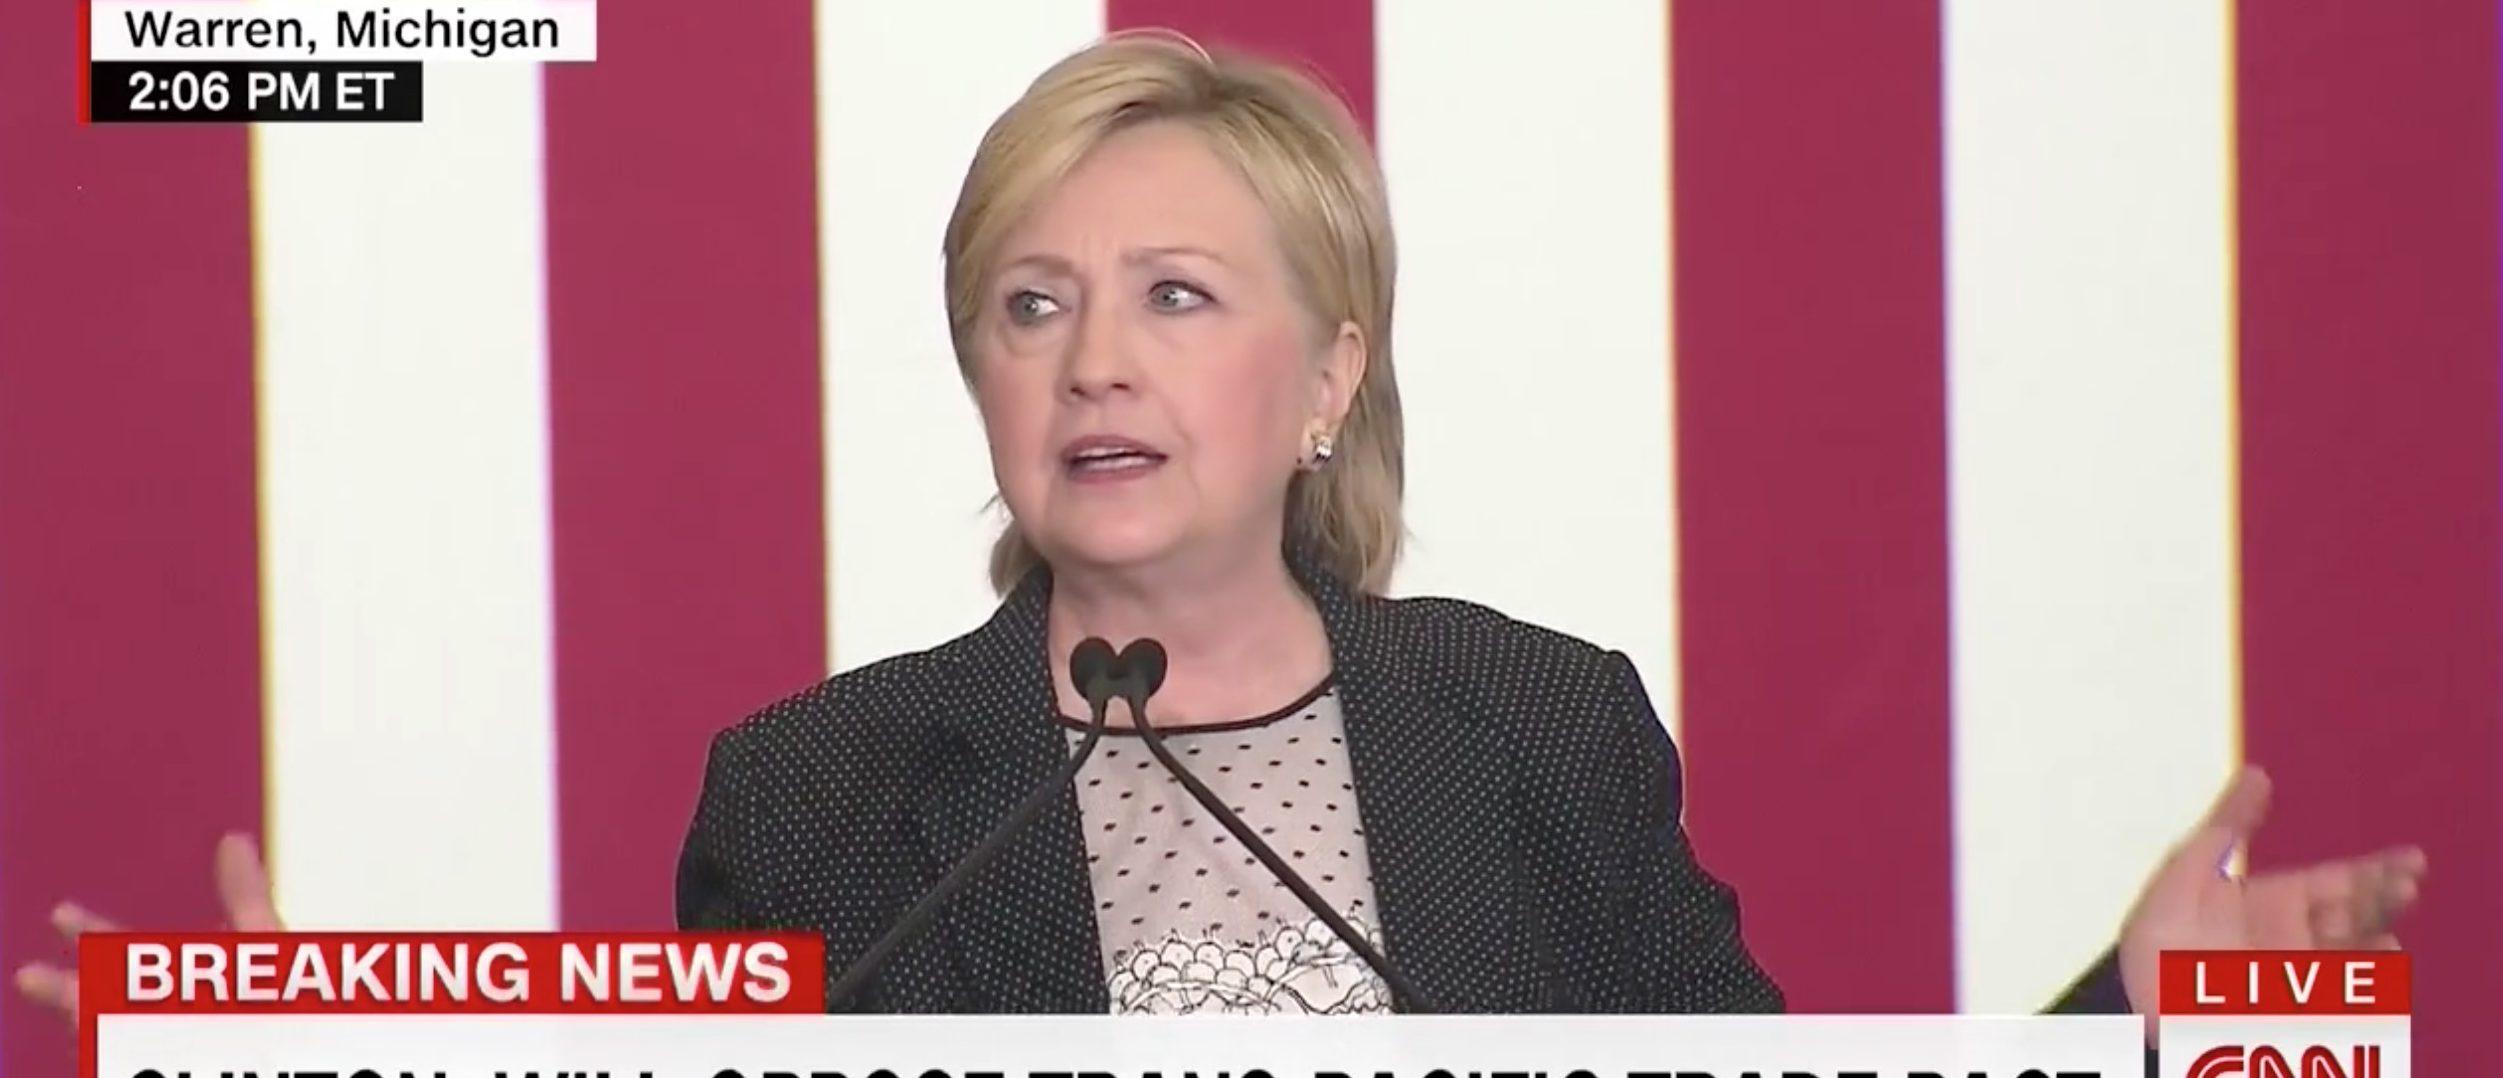 Hillary Clinton, Image via CNN Screen Grab, 8-11,2016